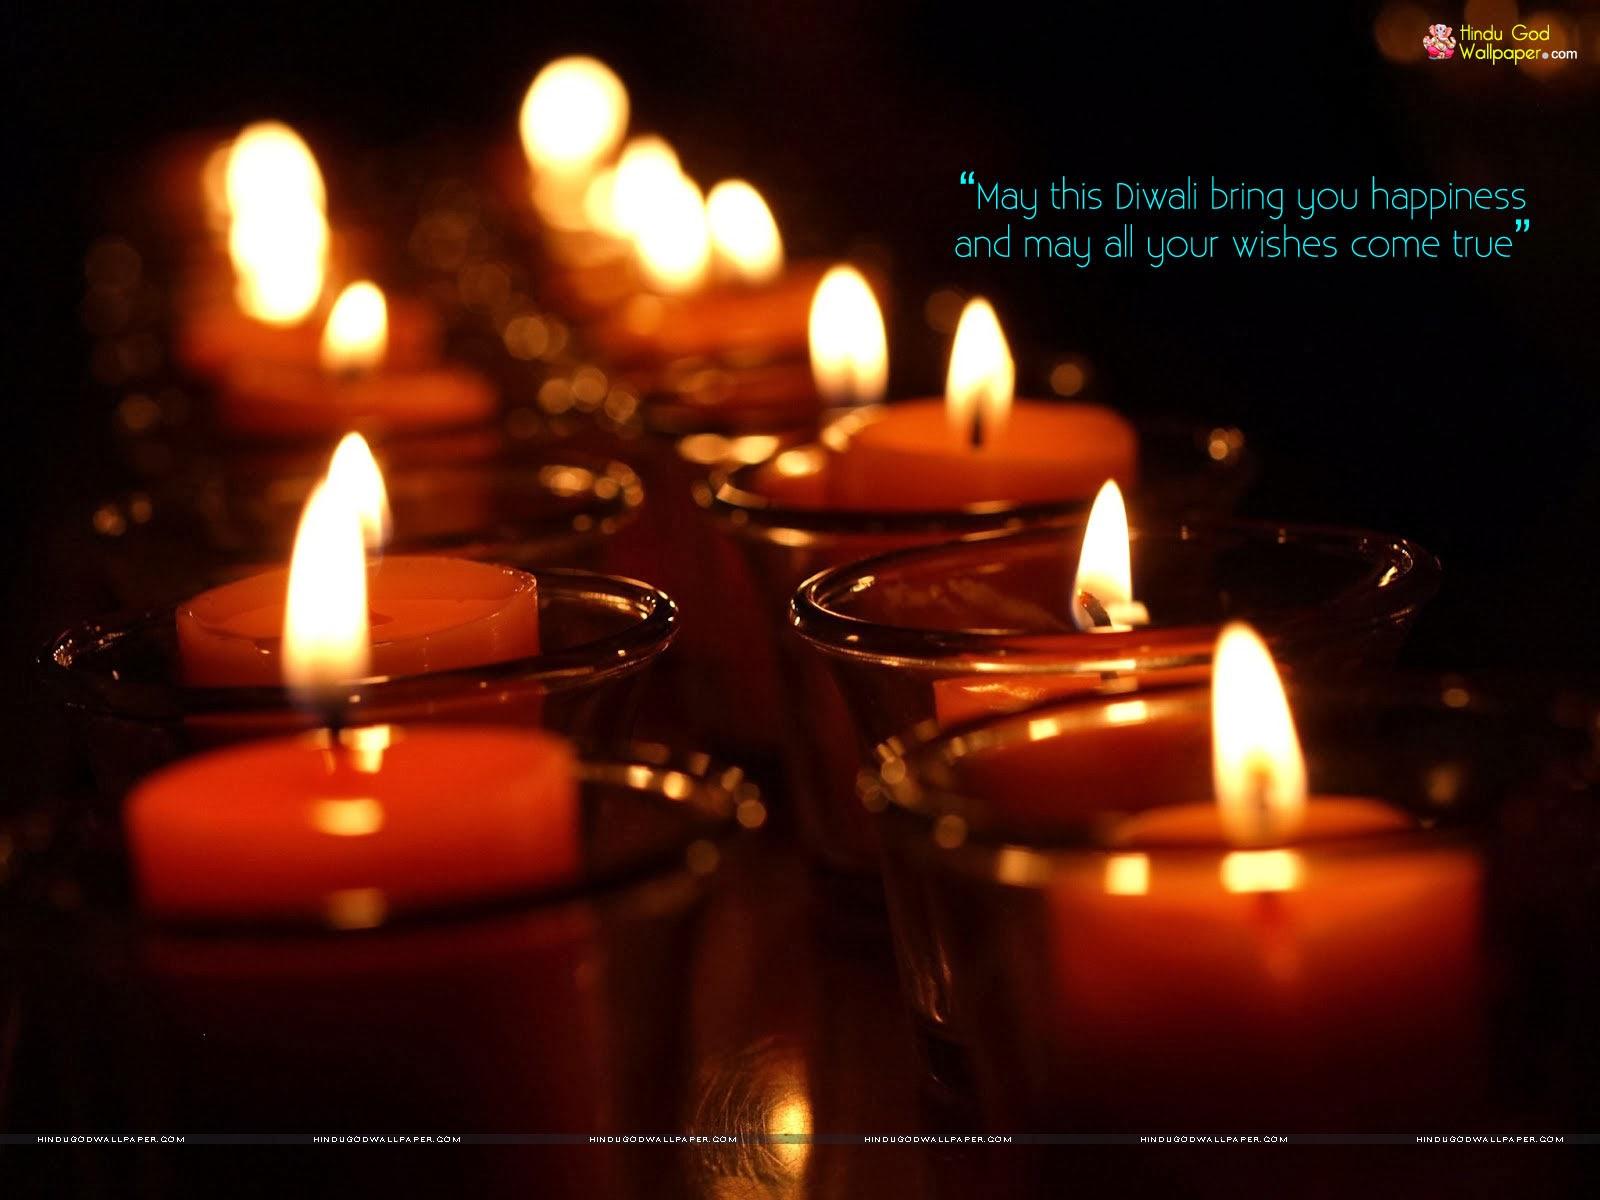 Sai Baba Quotes Wallpaper Diwali Diya Wallpapers Hindu God Wallpaper